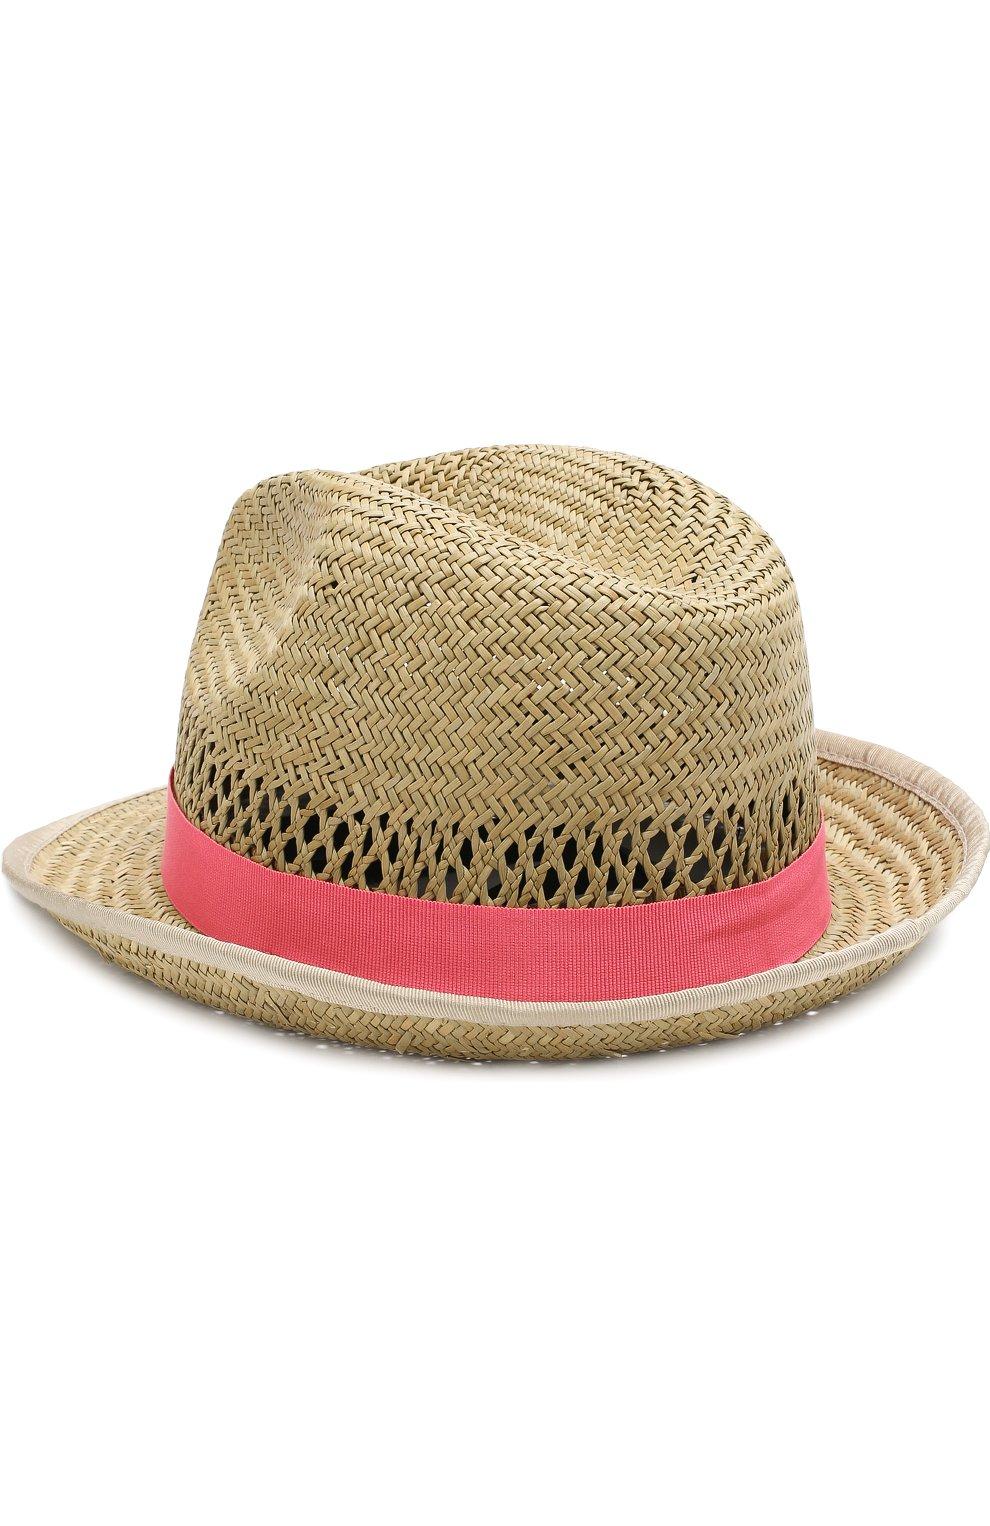 Соломенная шляпа с лентой Emporio Armani коричневого цвета | Фото №2